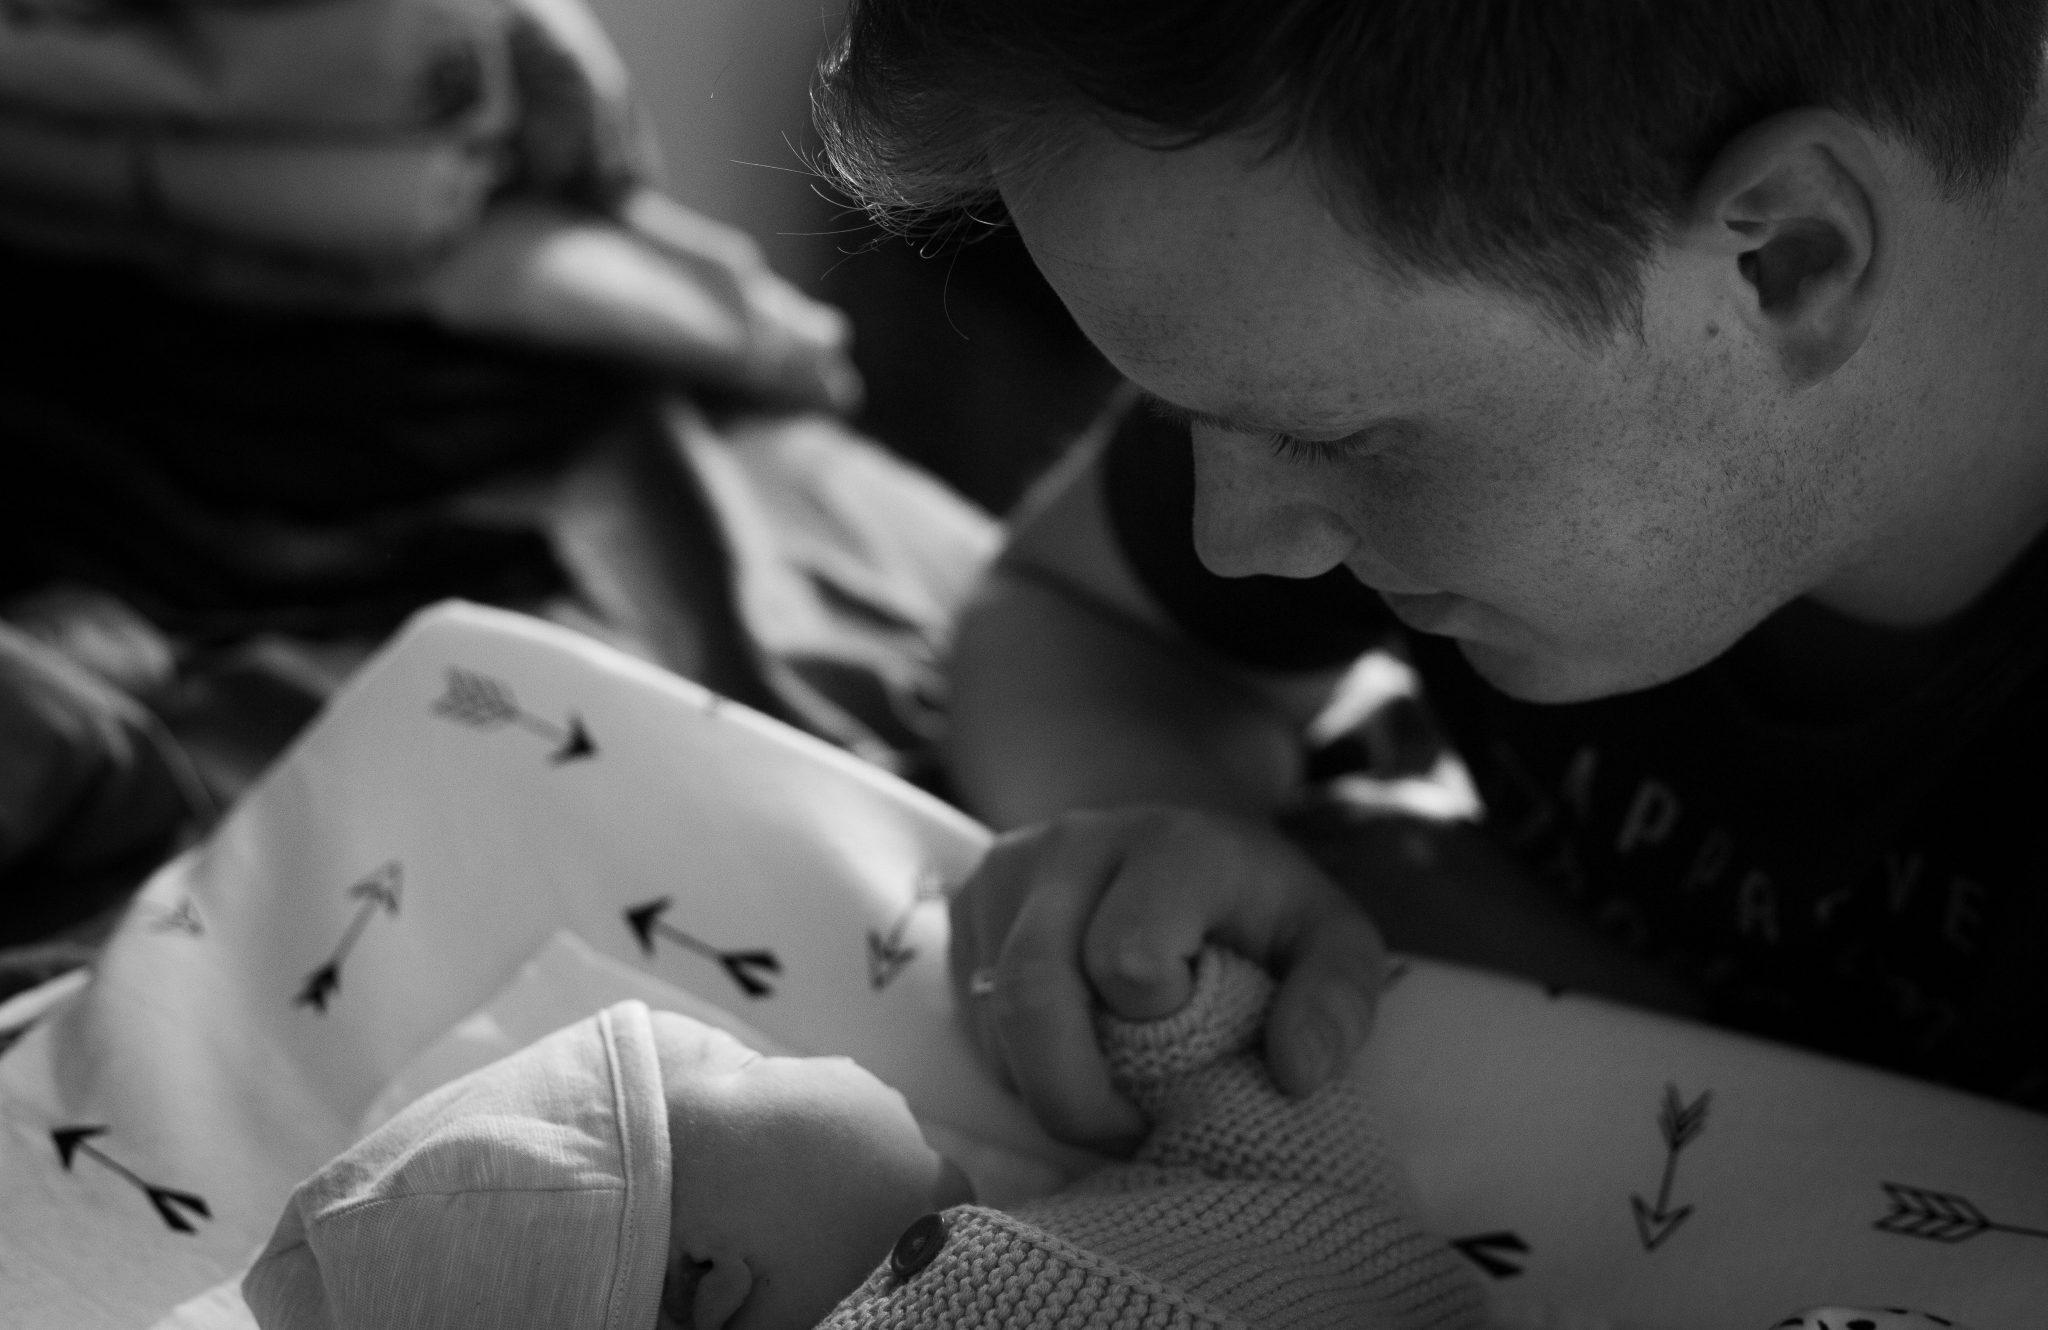 Bevallingsfotografe - mijn ervaring